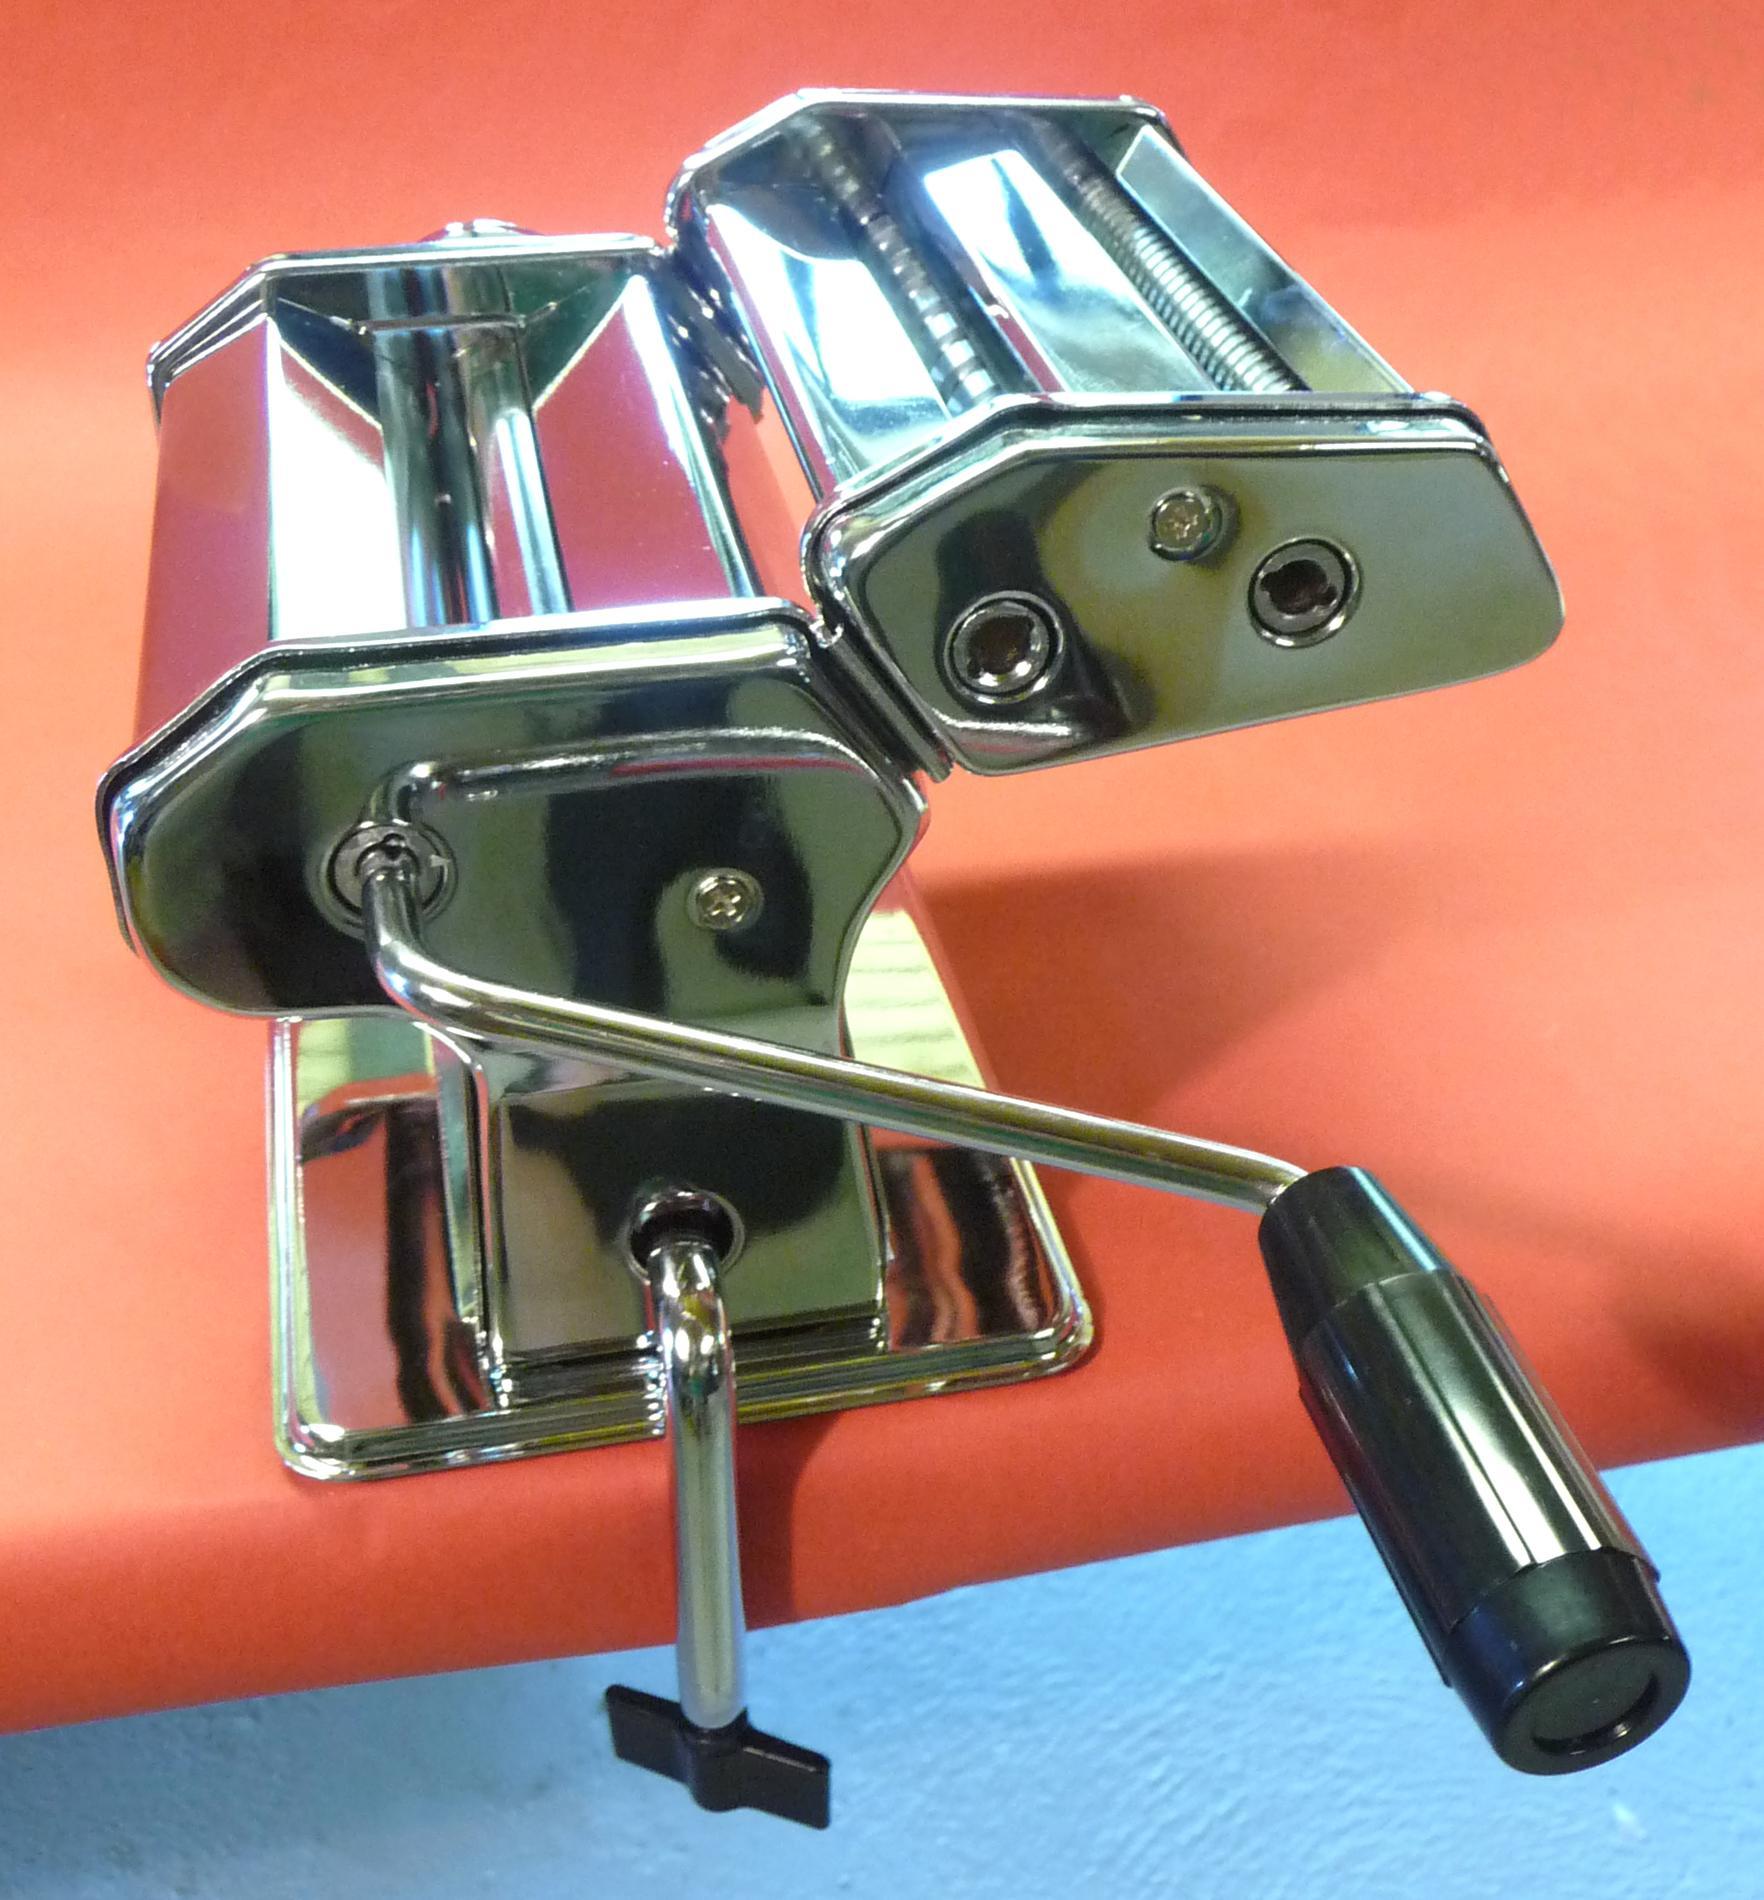 profi nudelmaschine pastamaschine chrom aufsatz in top qualit t kaufen bei wim shop. Black Bedroom Furniture Sets. Home Design Ideas